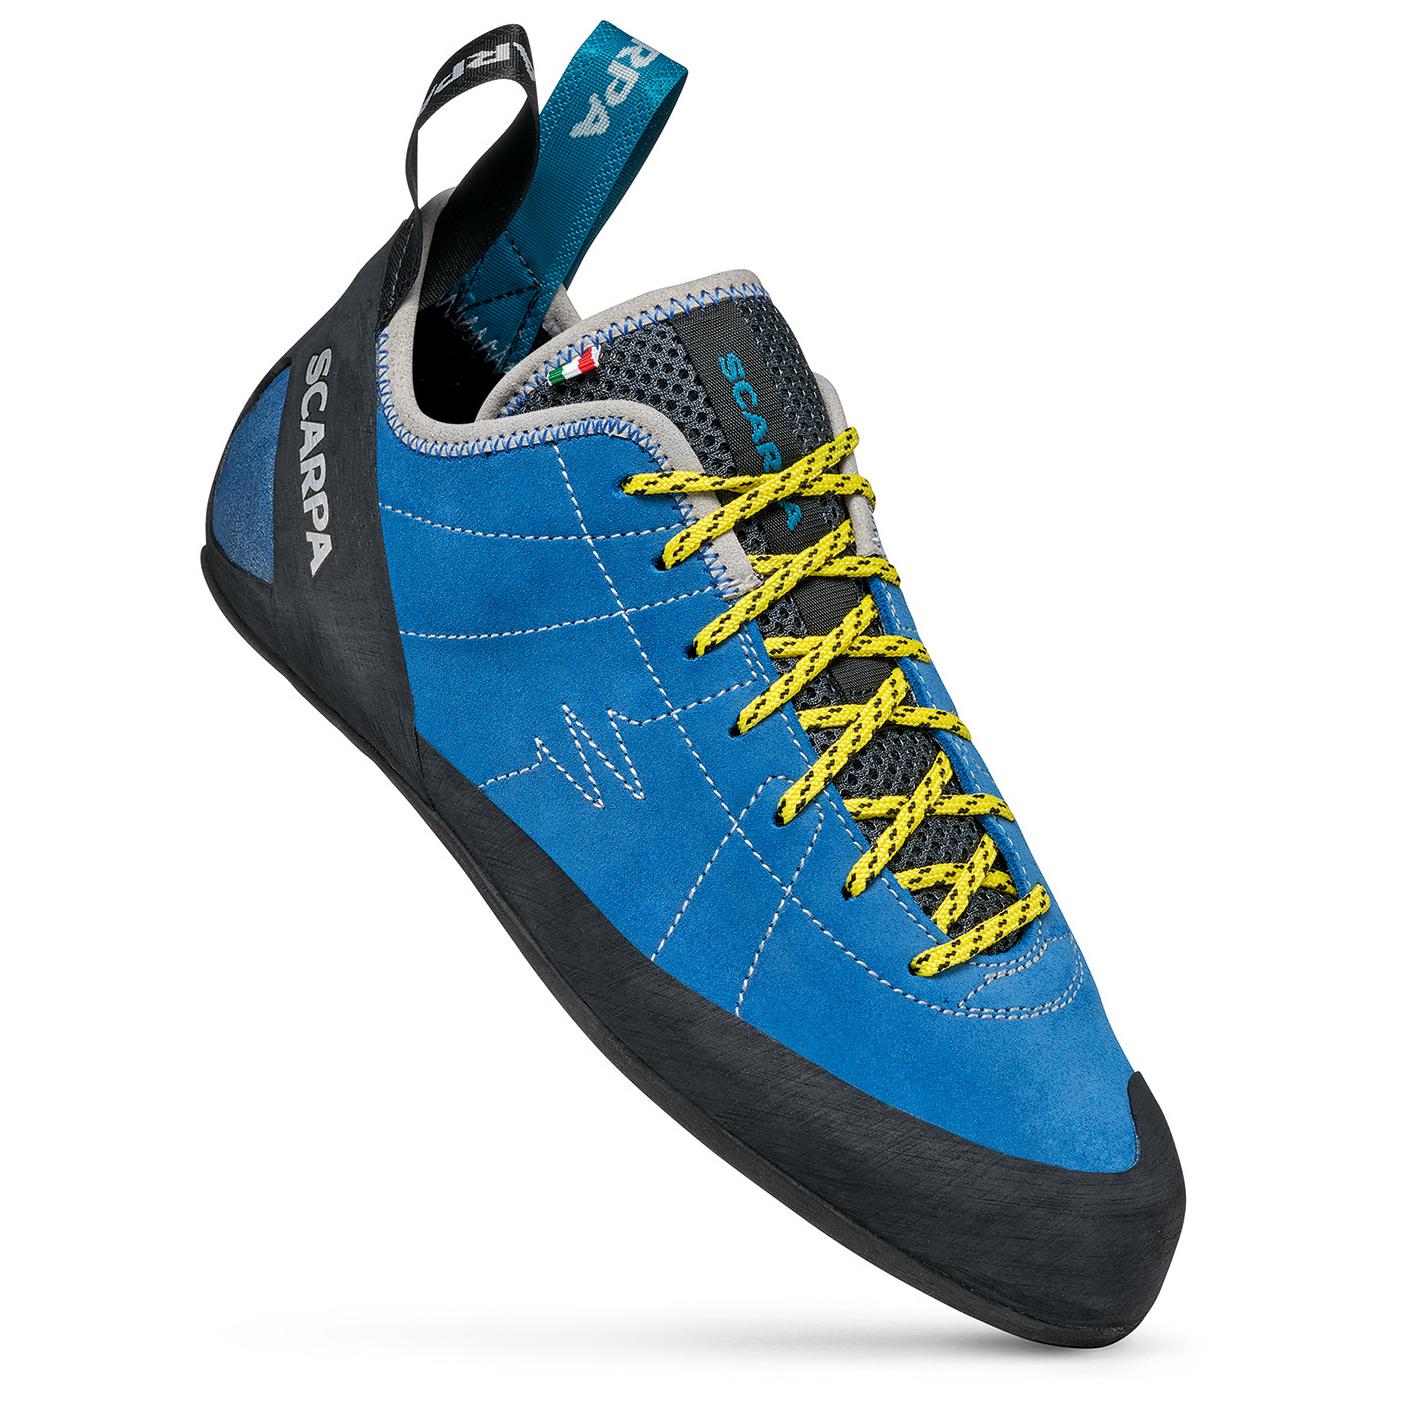 Unisex Clothing Shoes & Accs